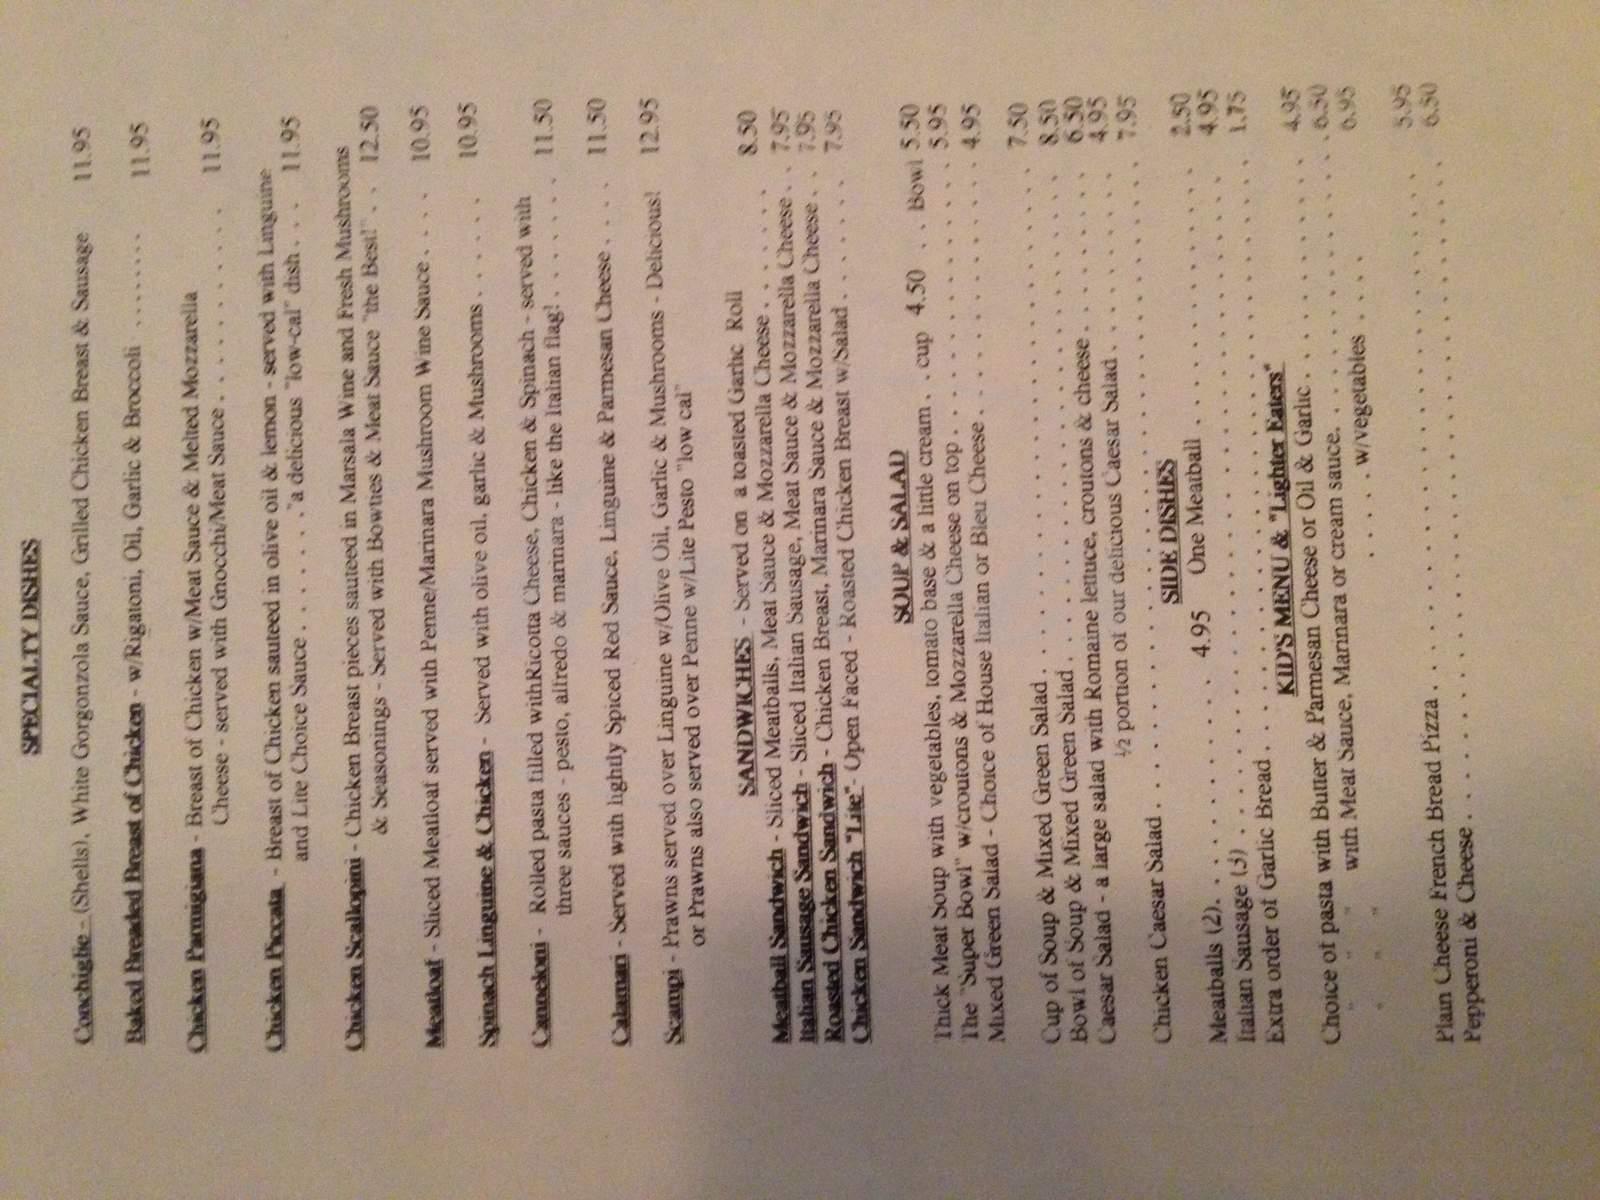 menu for Lotsa Pasta